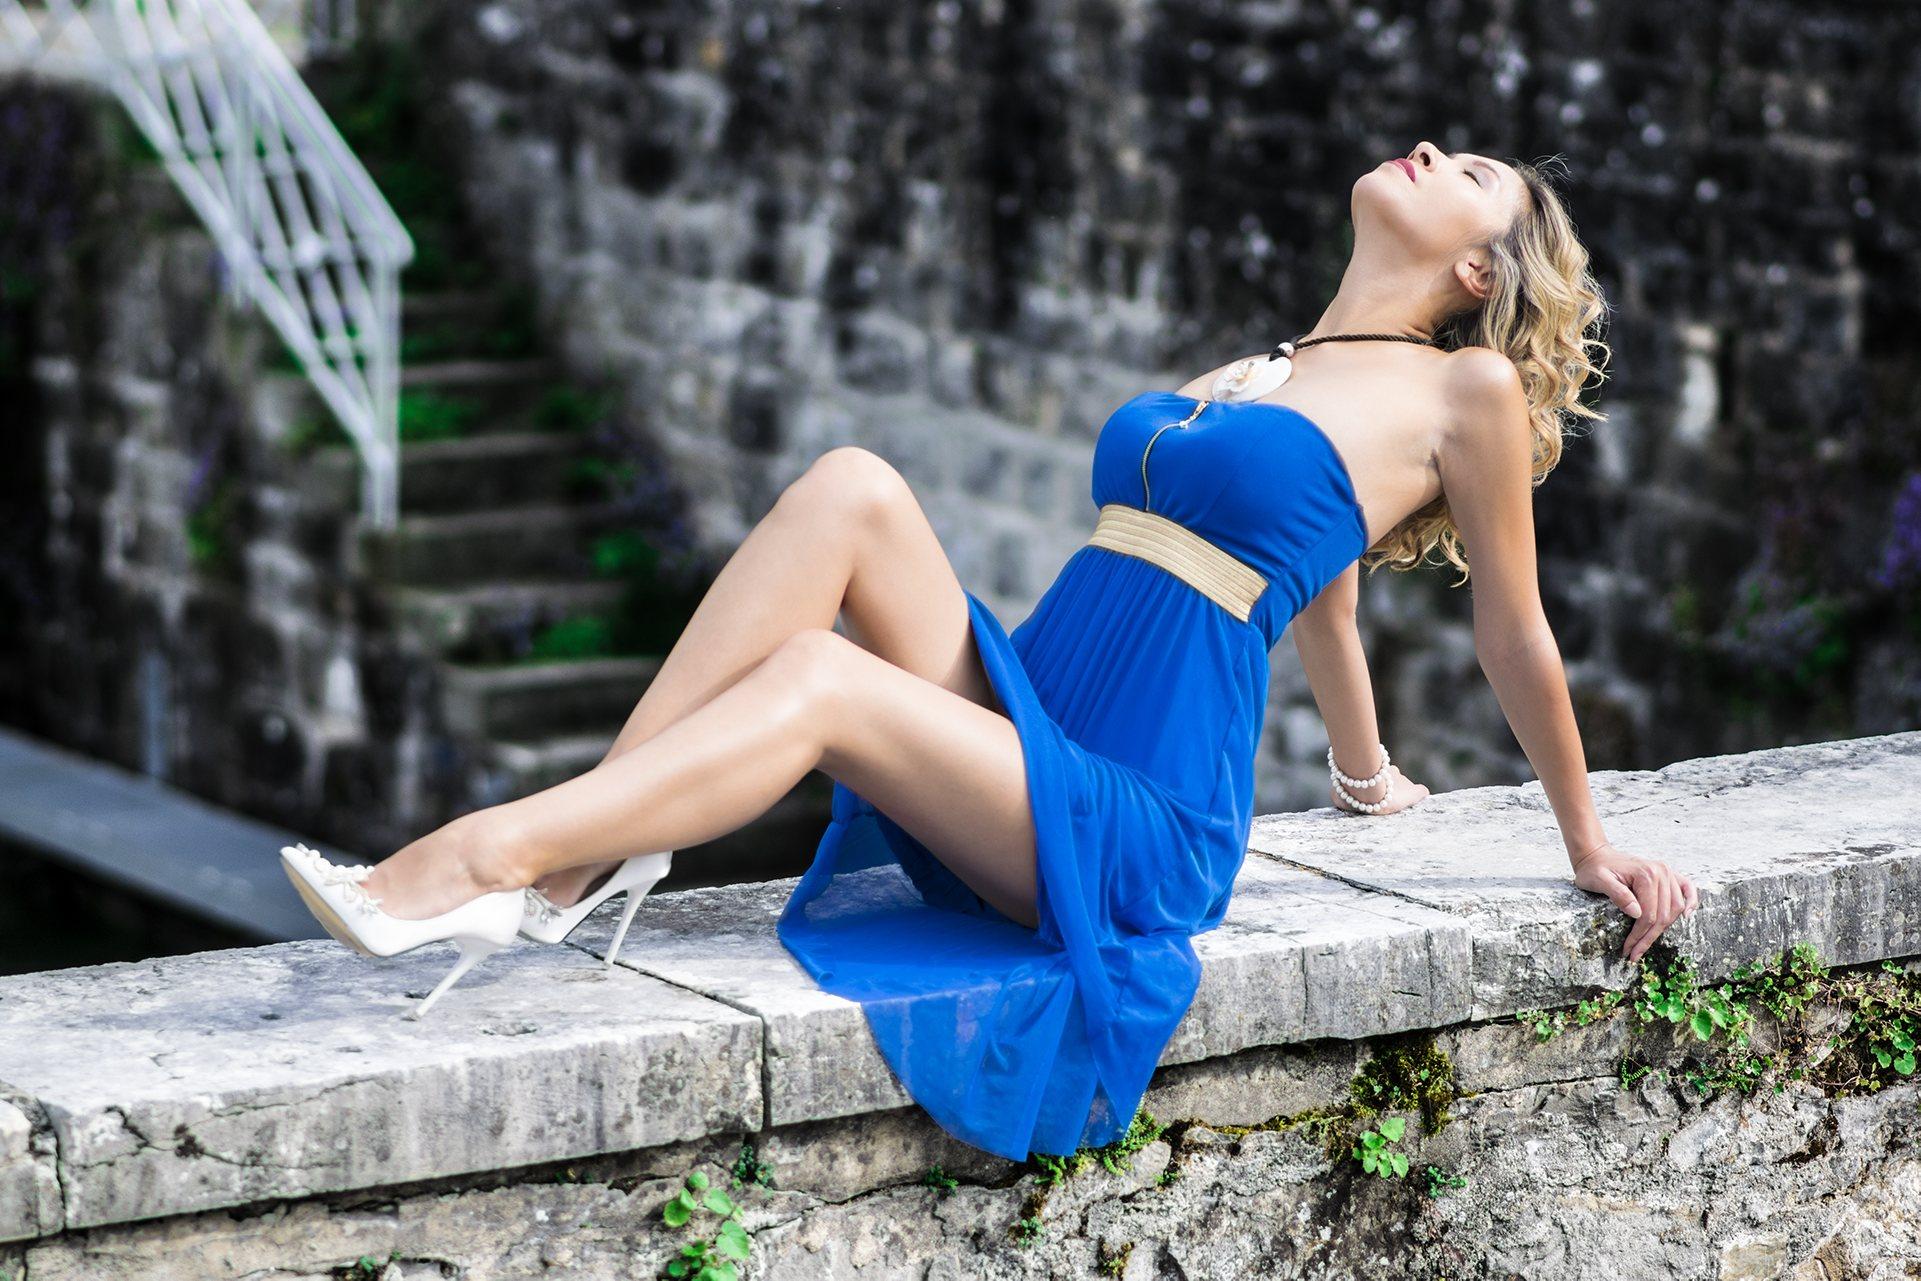 genève modèle mannequin suisse maquilleuse danseuse femme extérieur jenny suv